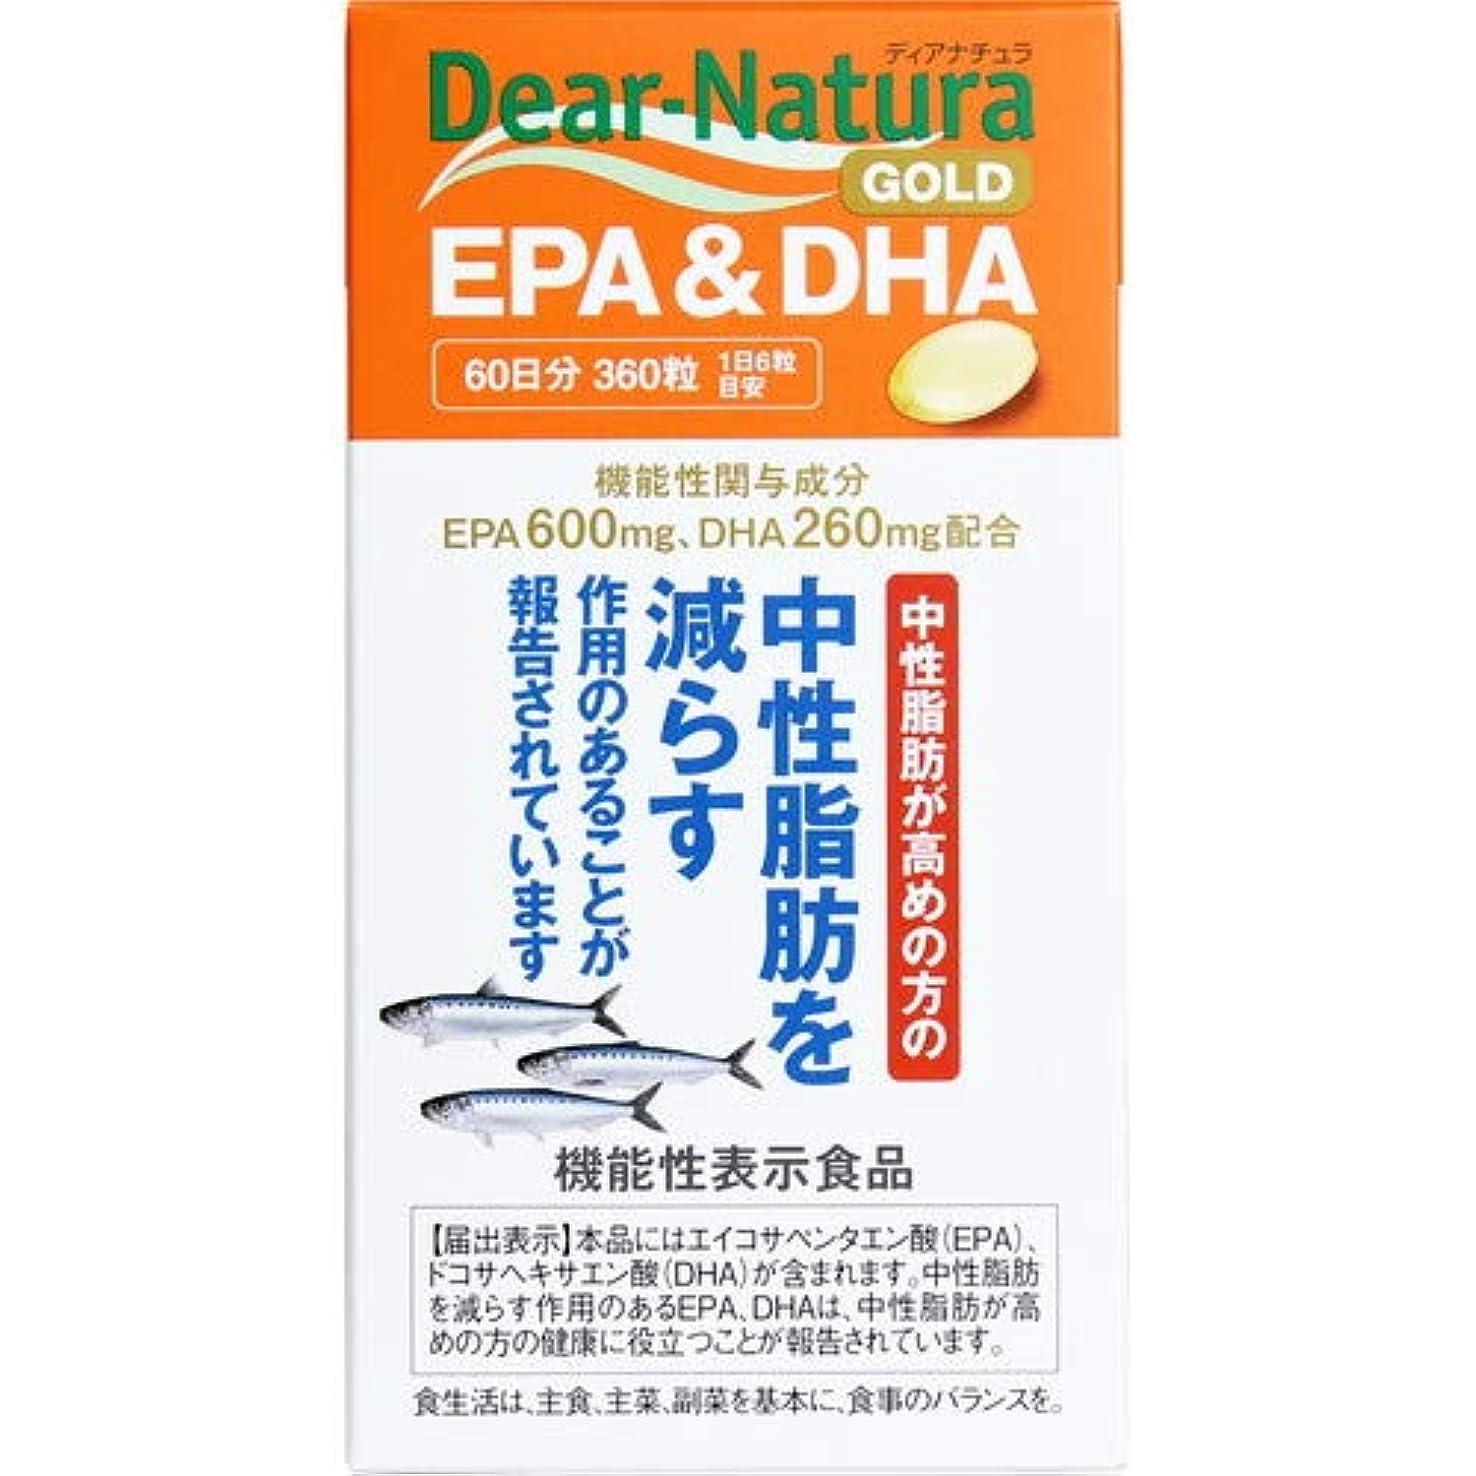 妻不安定サスティーンディアナチュラゴールド EPA&DHA 60日分 360粒入